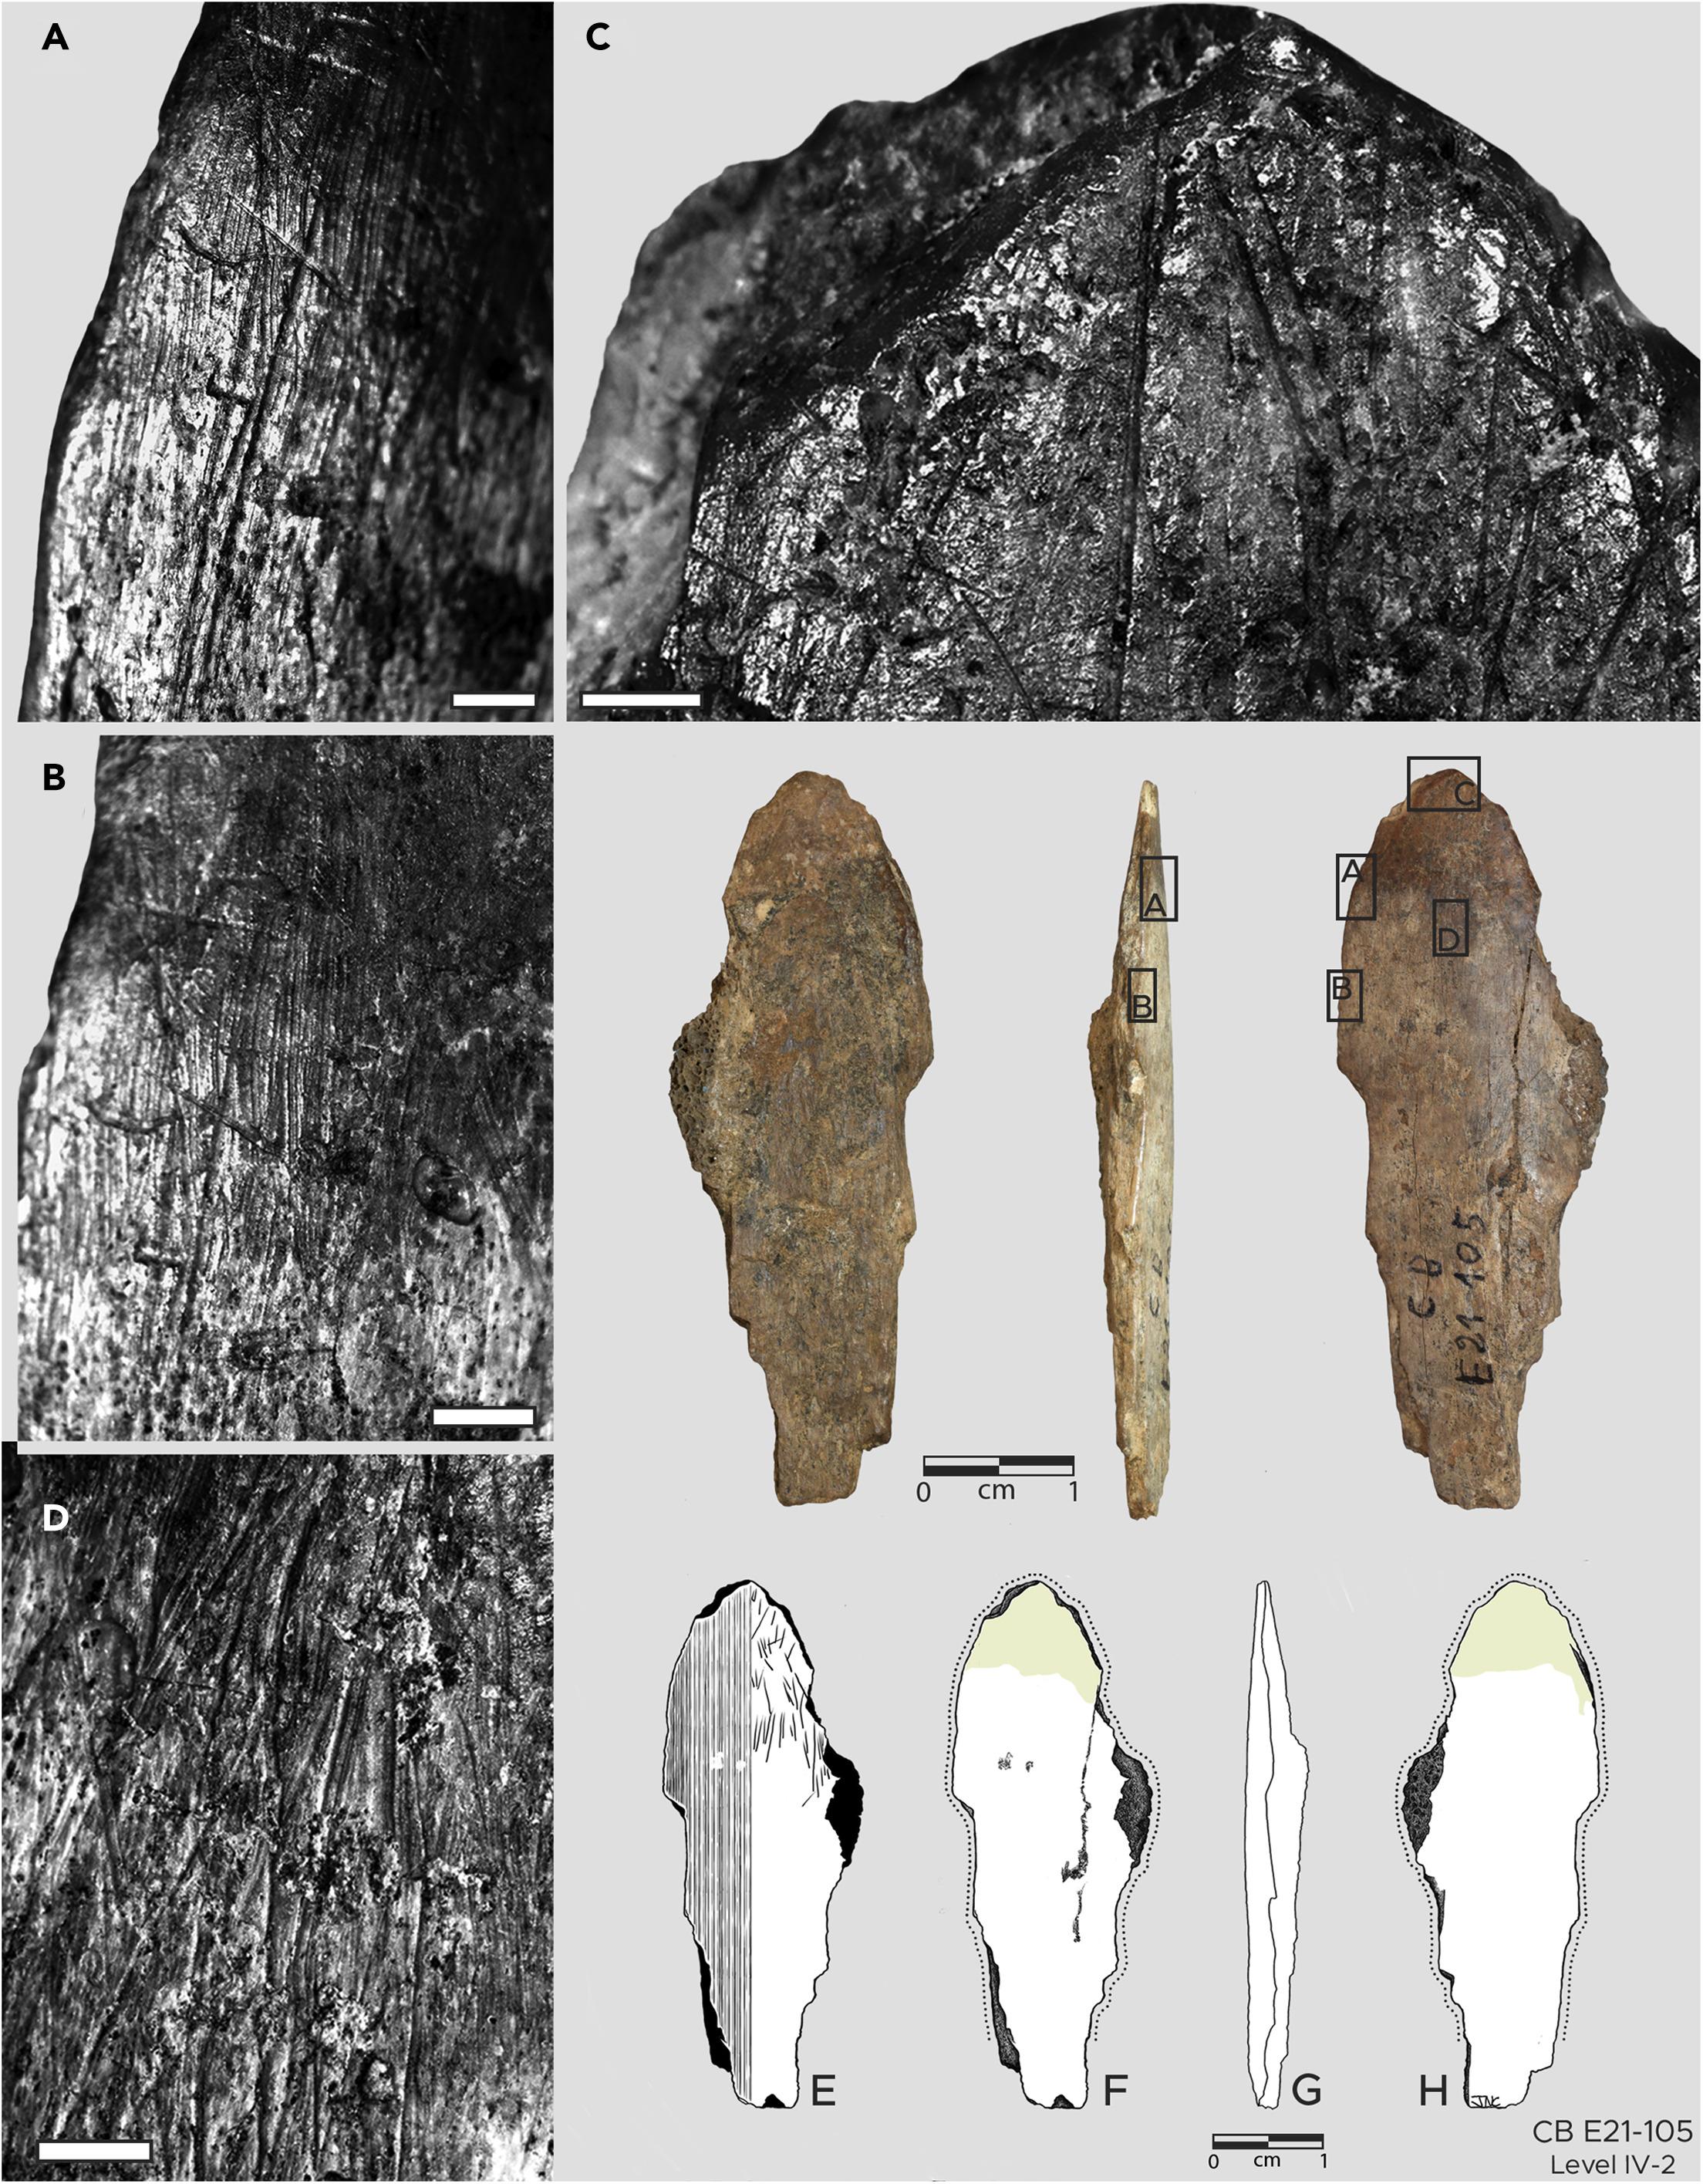 摩洛哥Contrebandiers洞穴发现古人类用来将毛皮做成衣服的骨质工具 距今9万至12万年